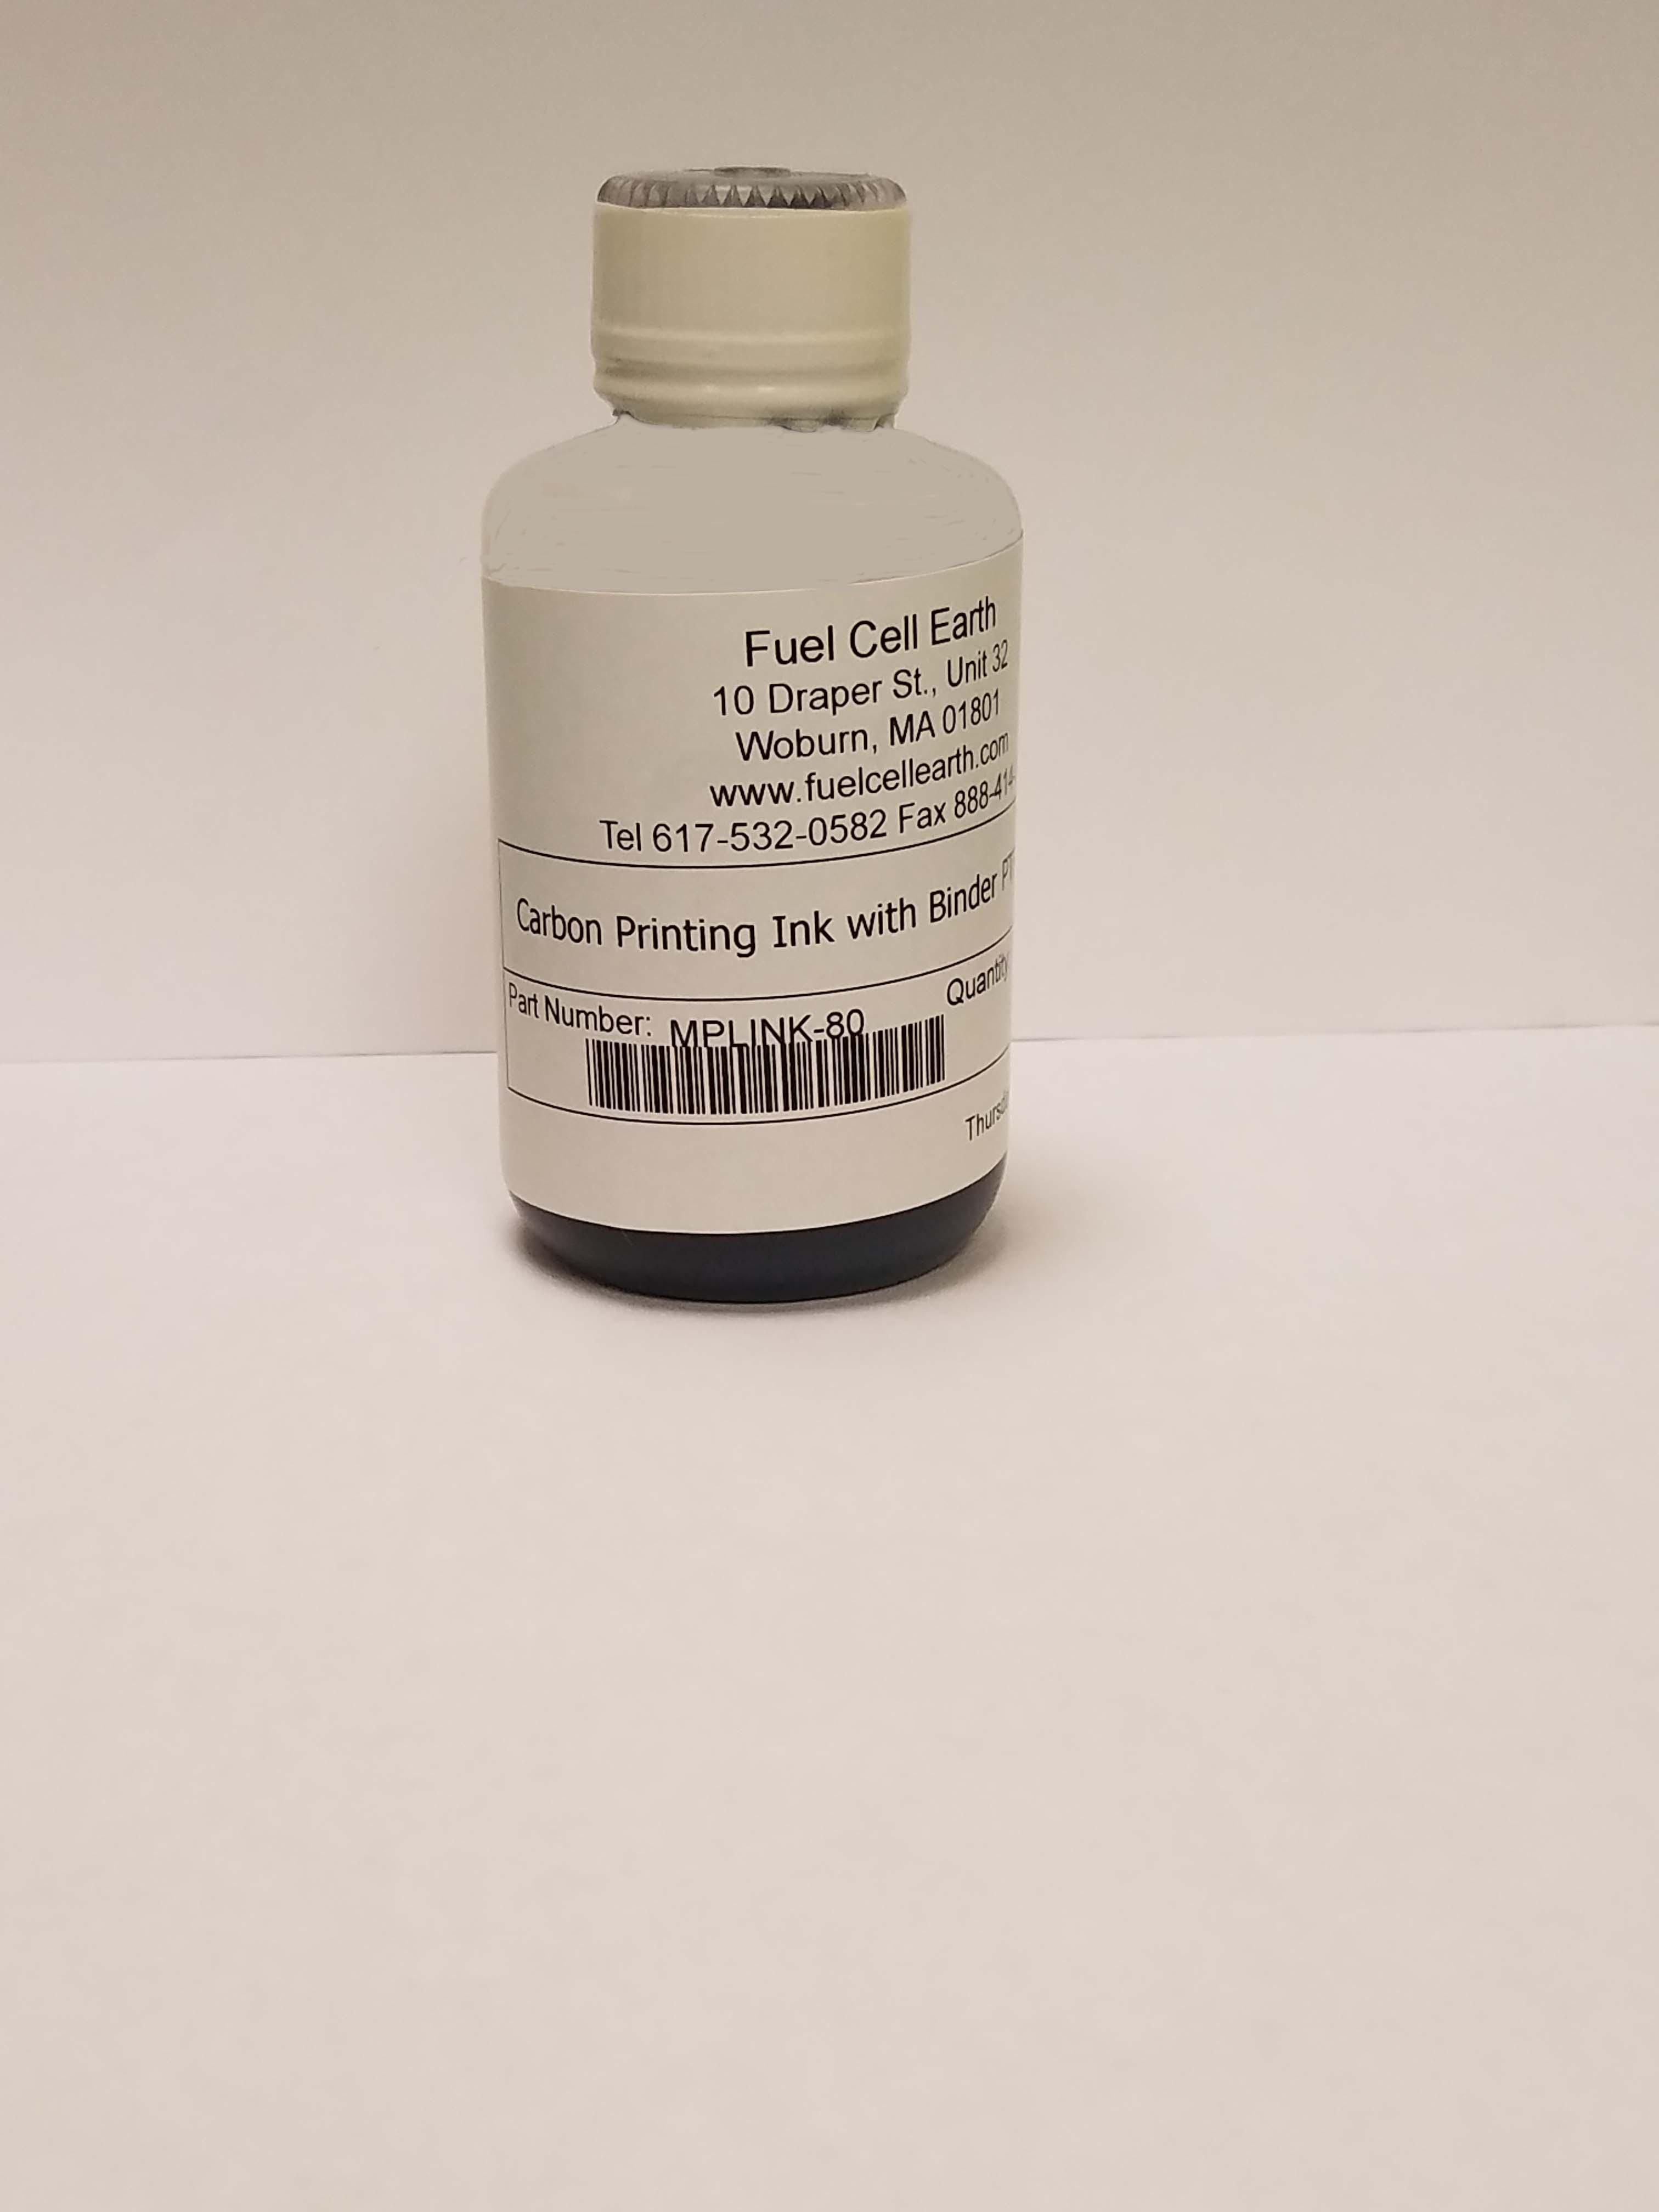 Carbon Printing Ink